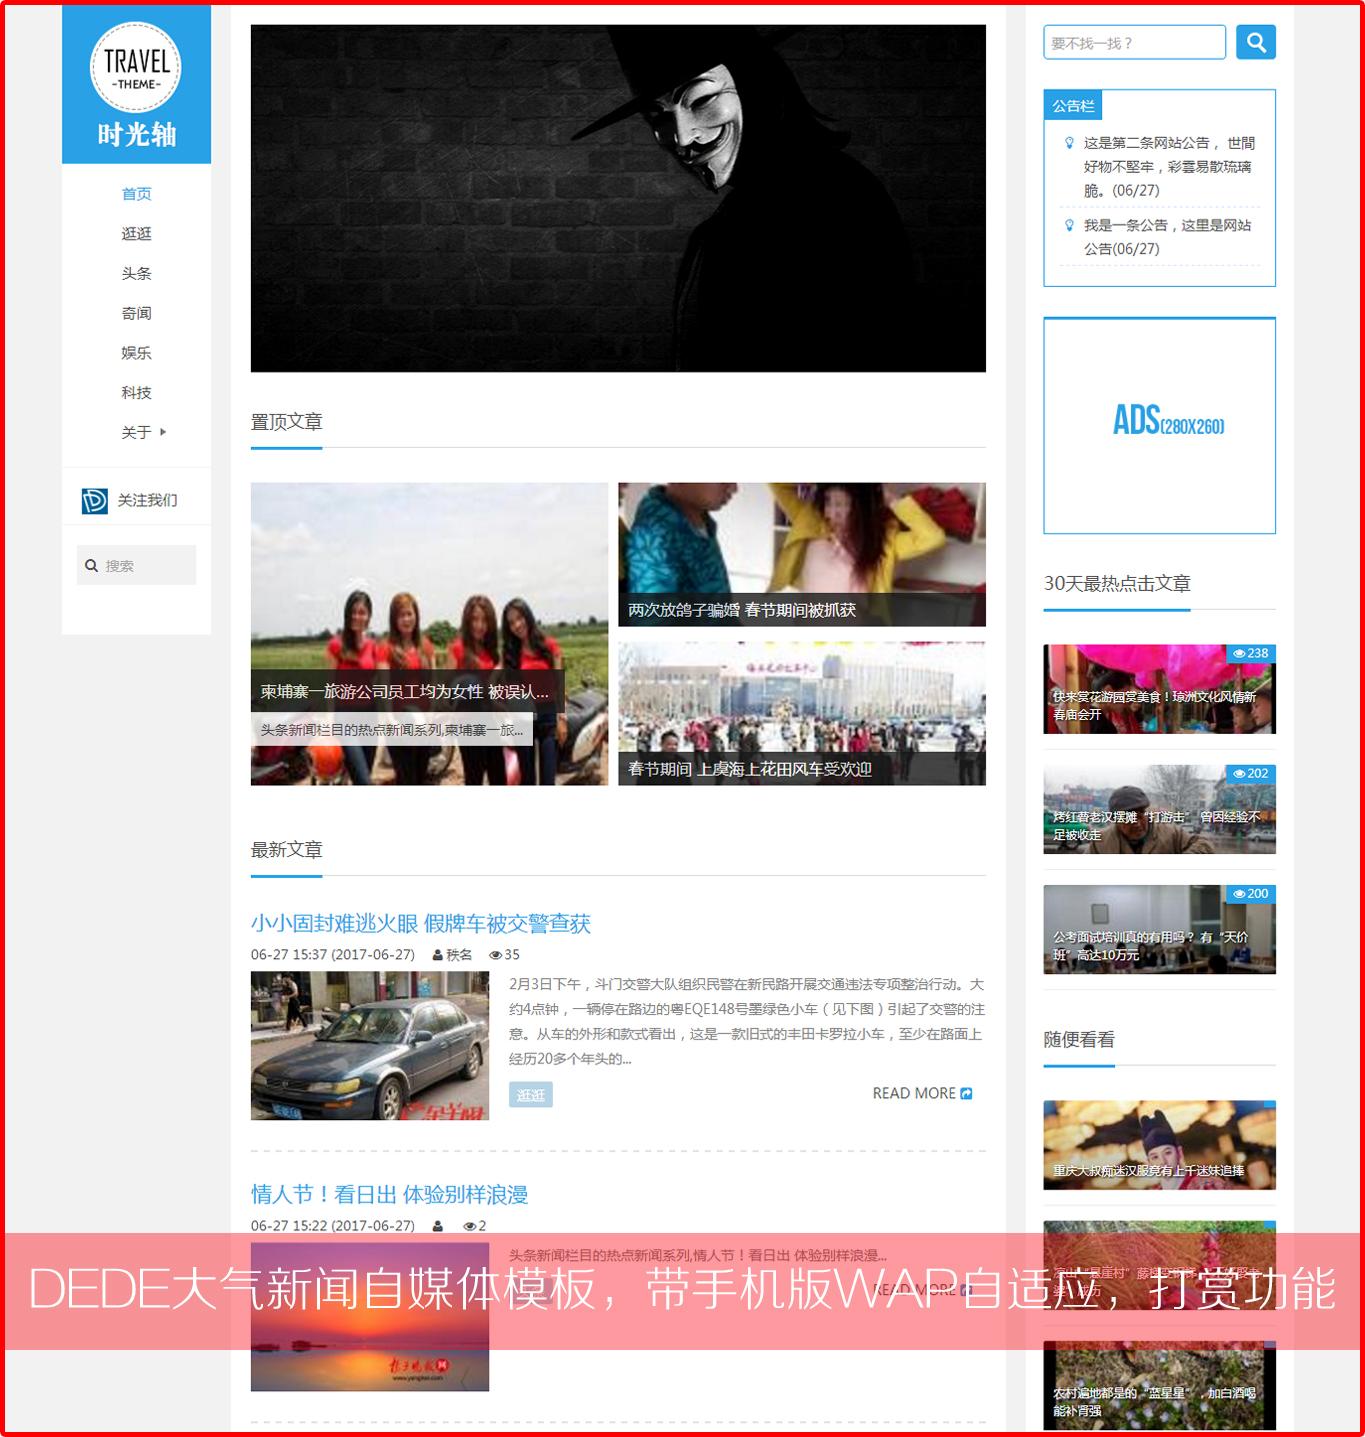 DEDE响应式个人博客网站源码 自媒体新闻资讯类织梦模板打赏功能